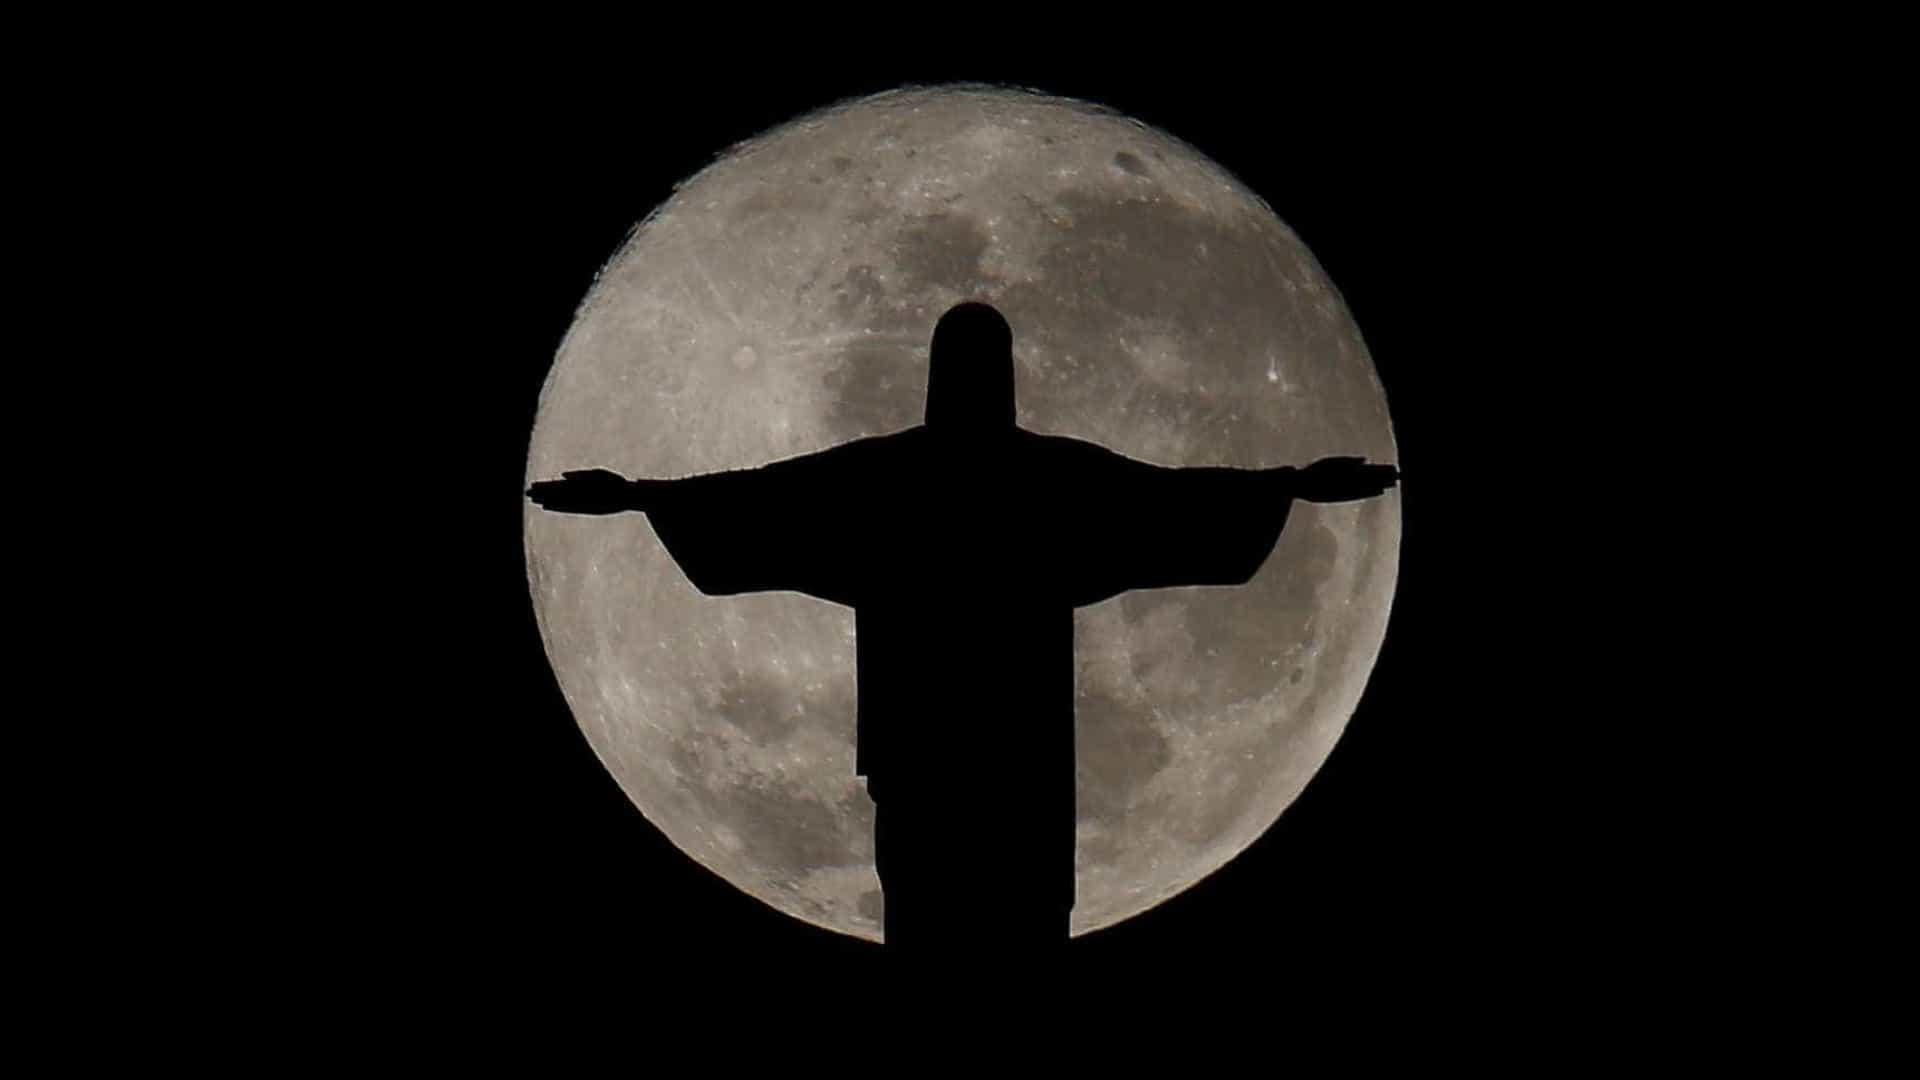 naom 5c17613e58069 - Cristo Redentor transmitirá vigília e contagem regressiva de ano novo